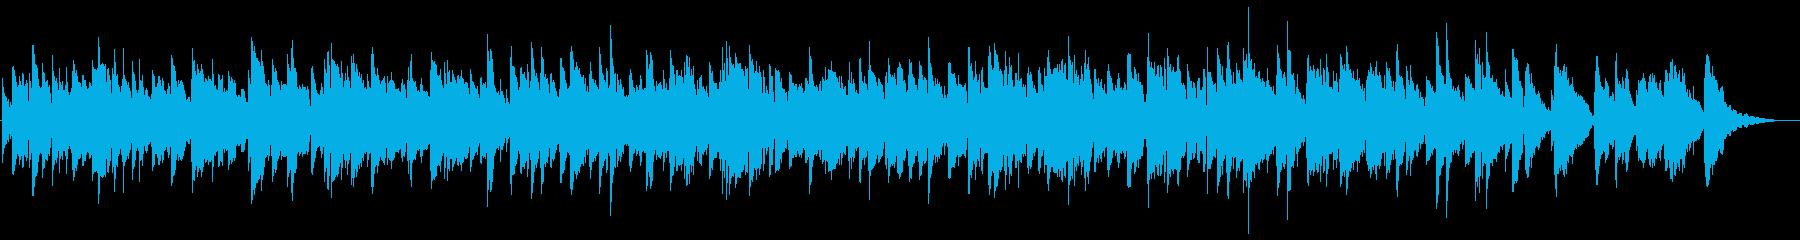 ゆったりリゾート感ギター弦楽器サウンドの再生済みの波形